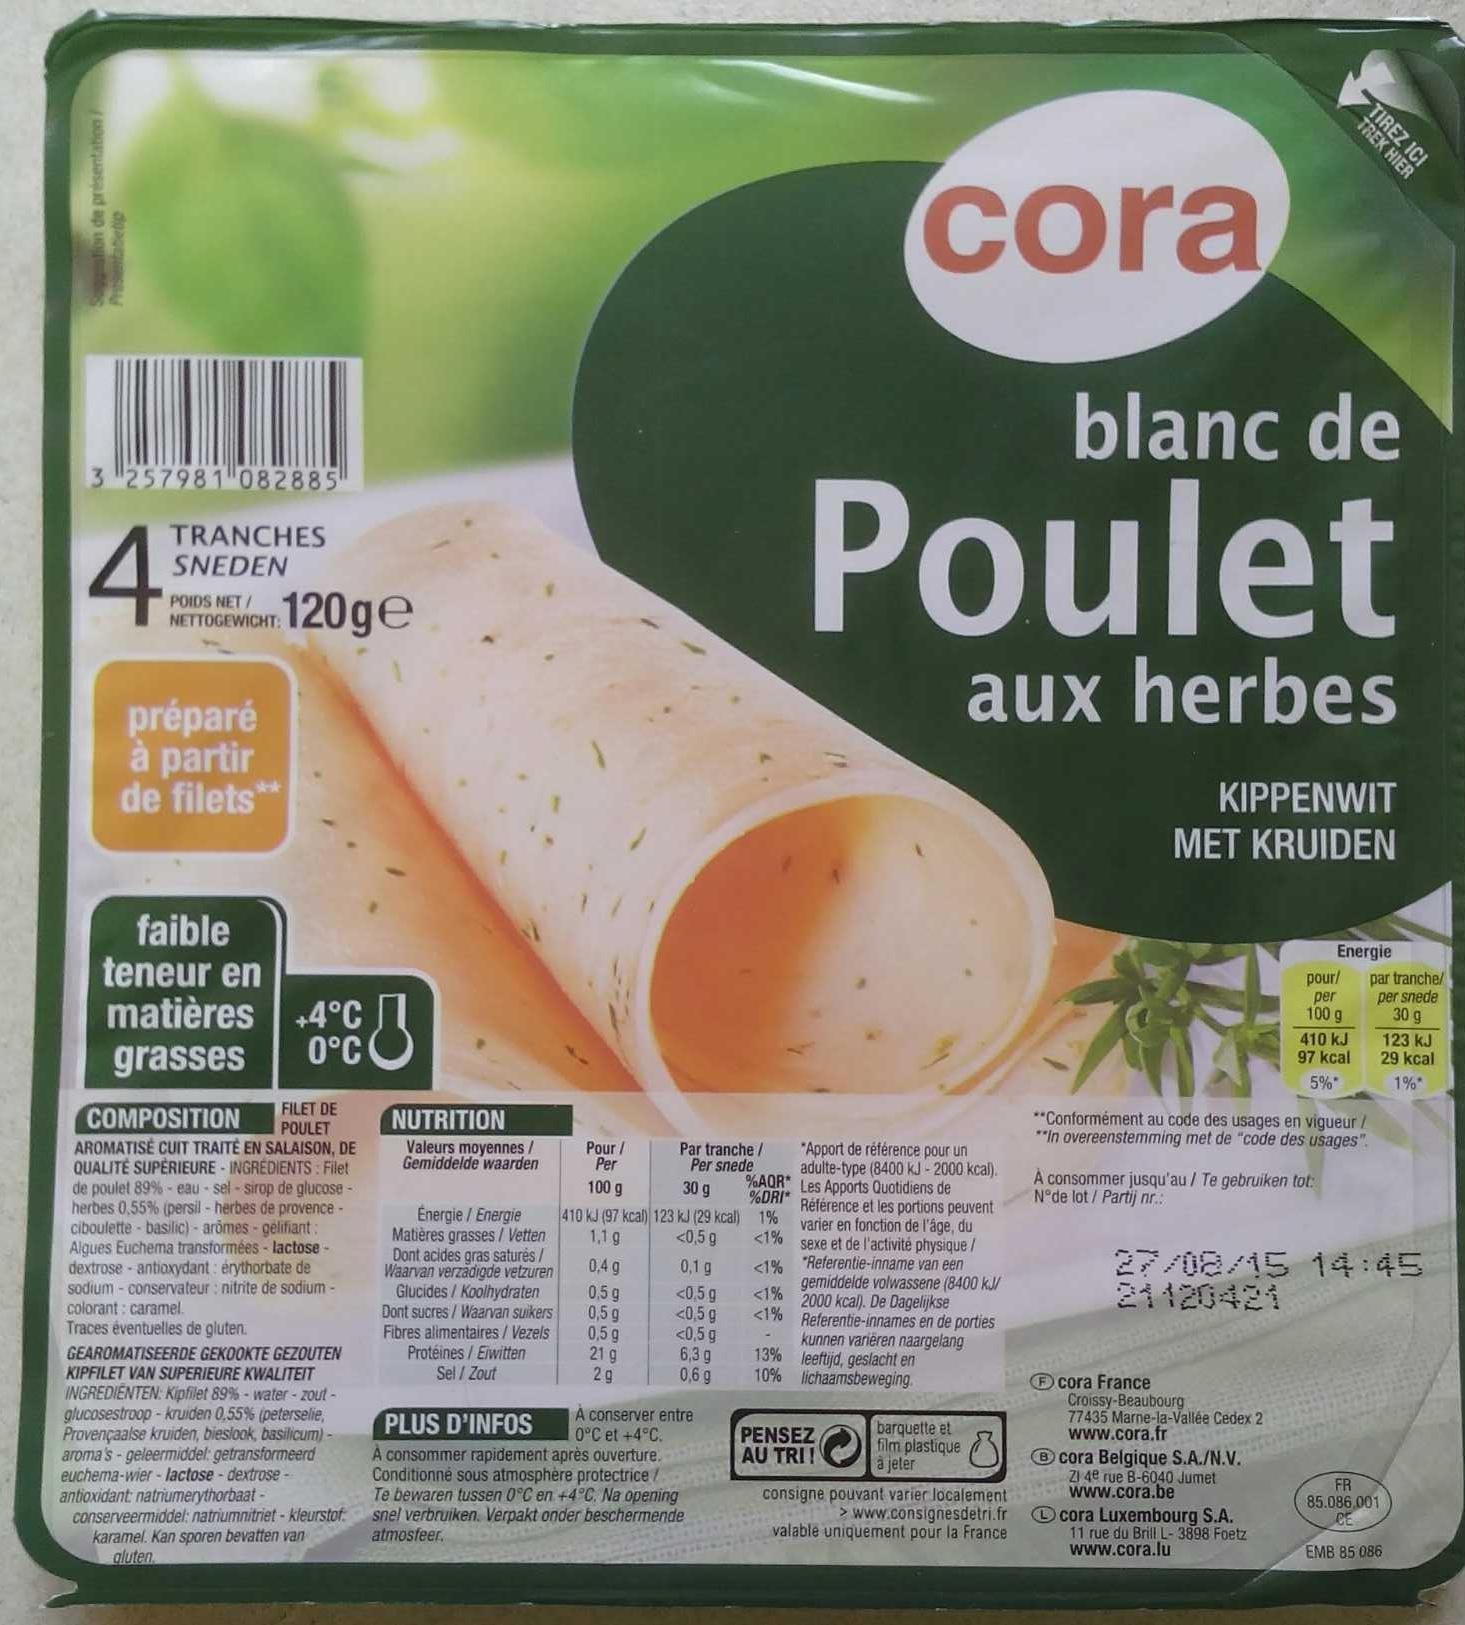 Blanc de poulet aux herbes - Product - fr